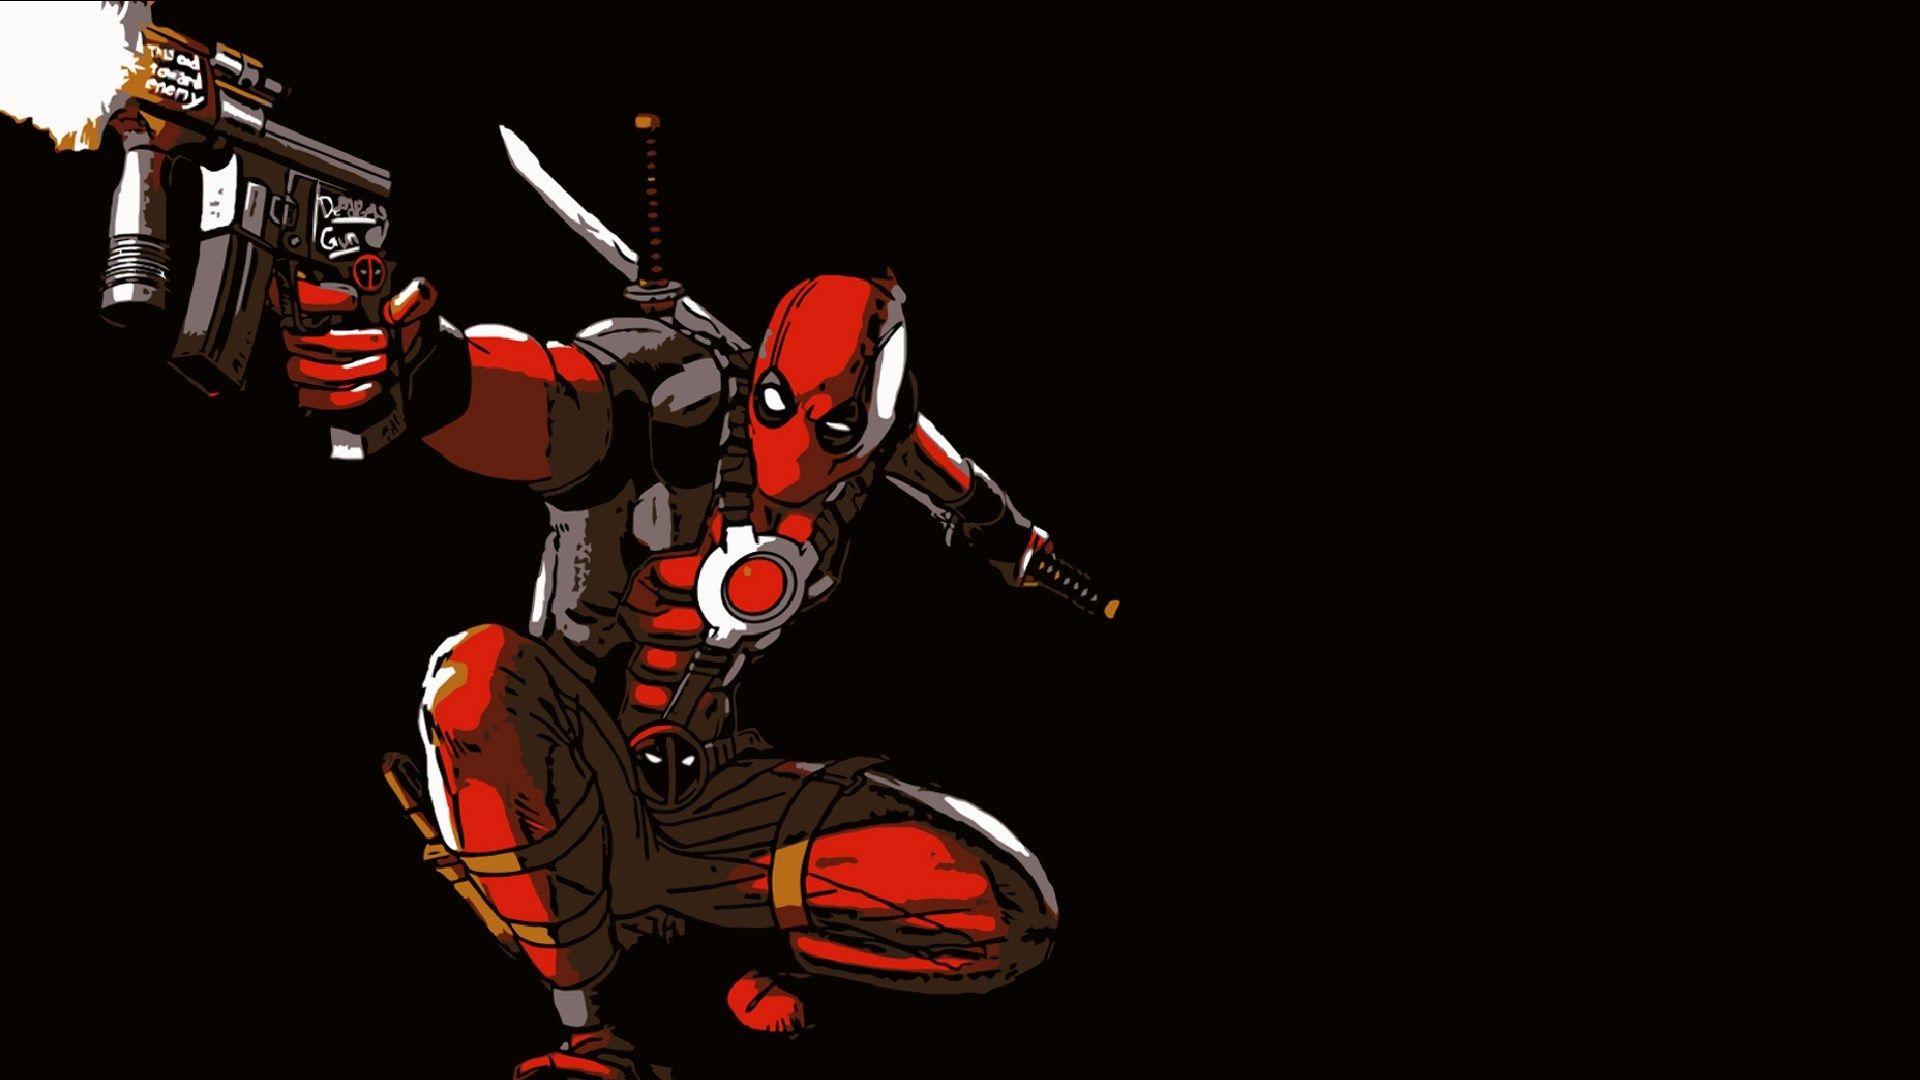 Amazing Wallpaper High Resolution Deadpool - f2705c6e14089d41d98ff8d4fd5078e4  Image_93628.jpg